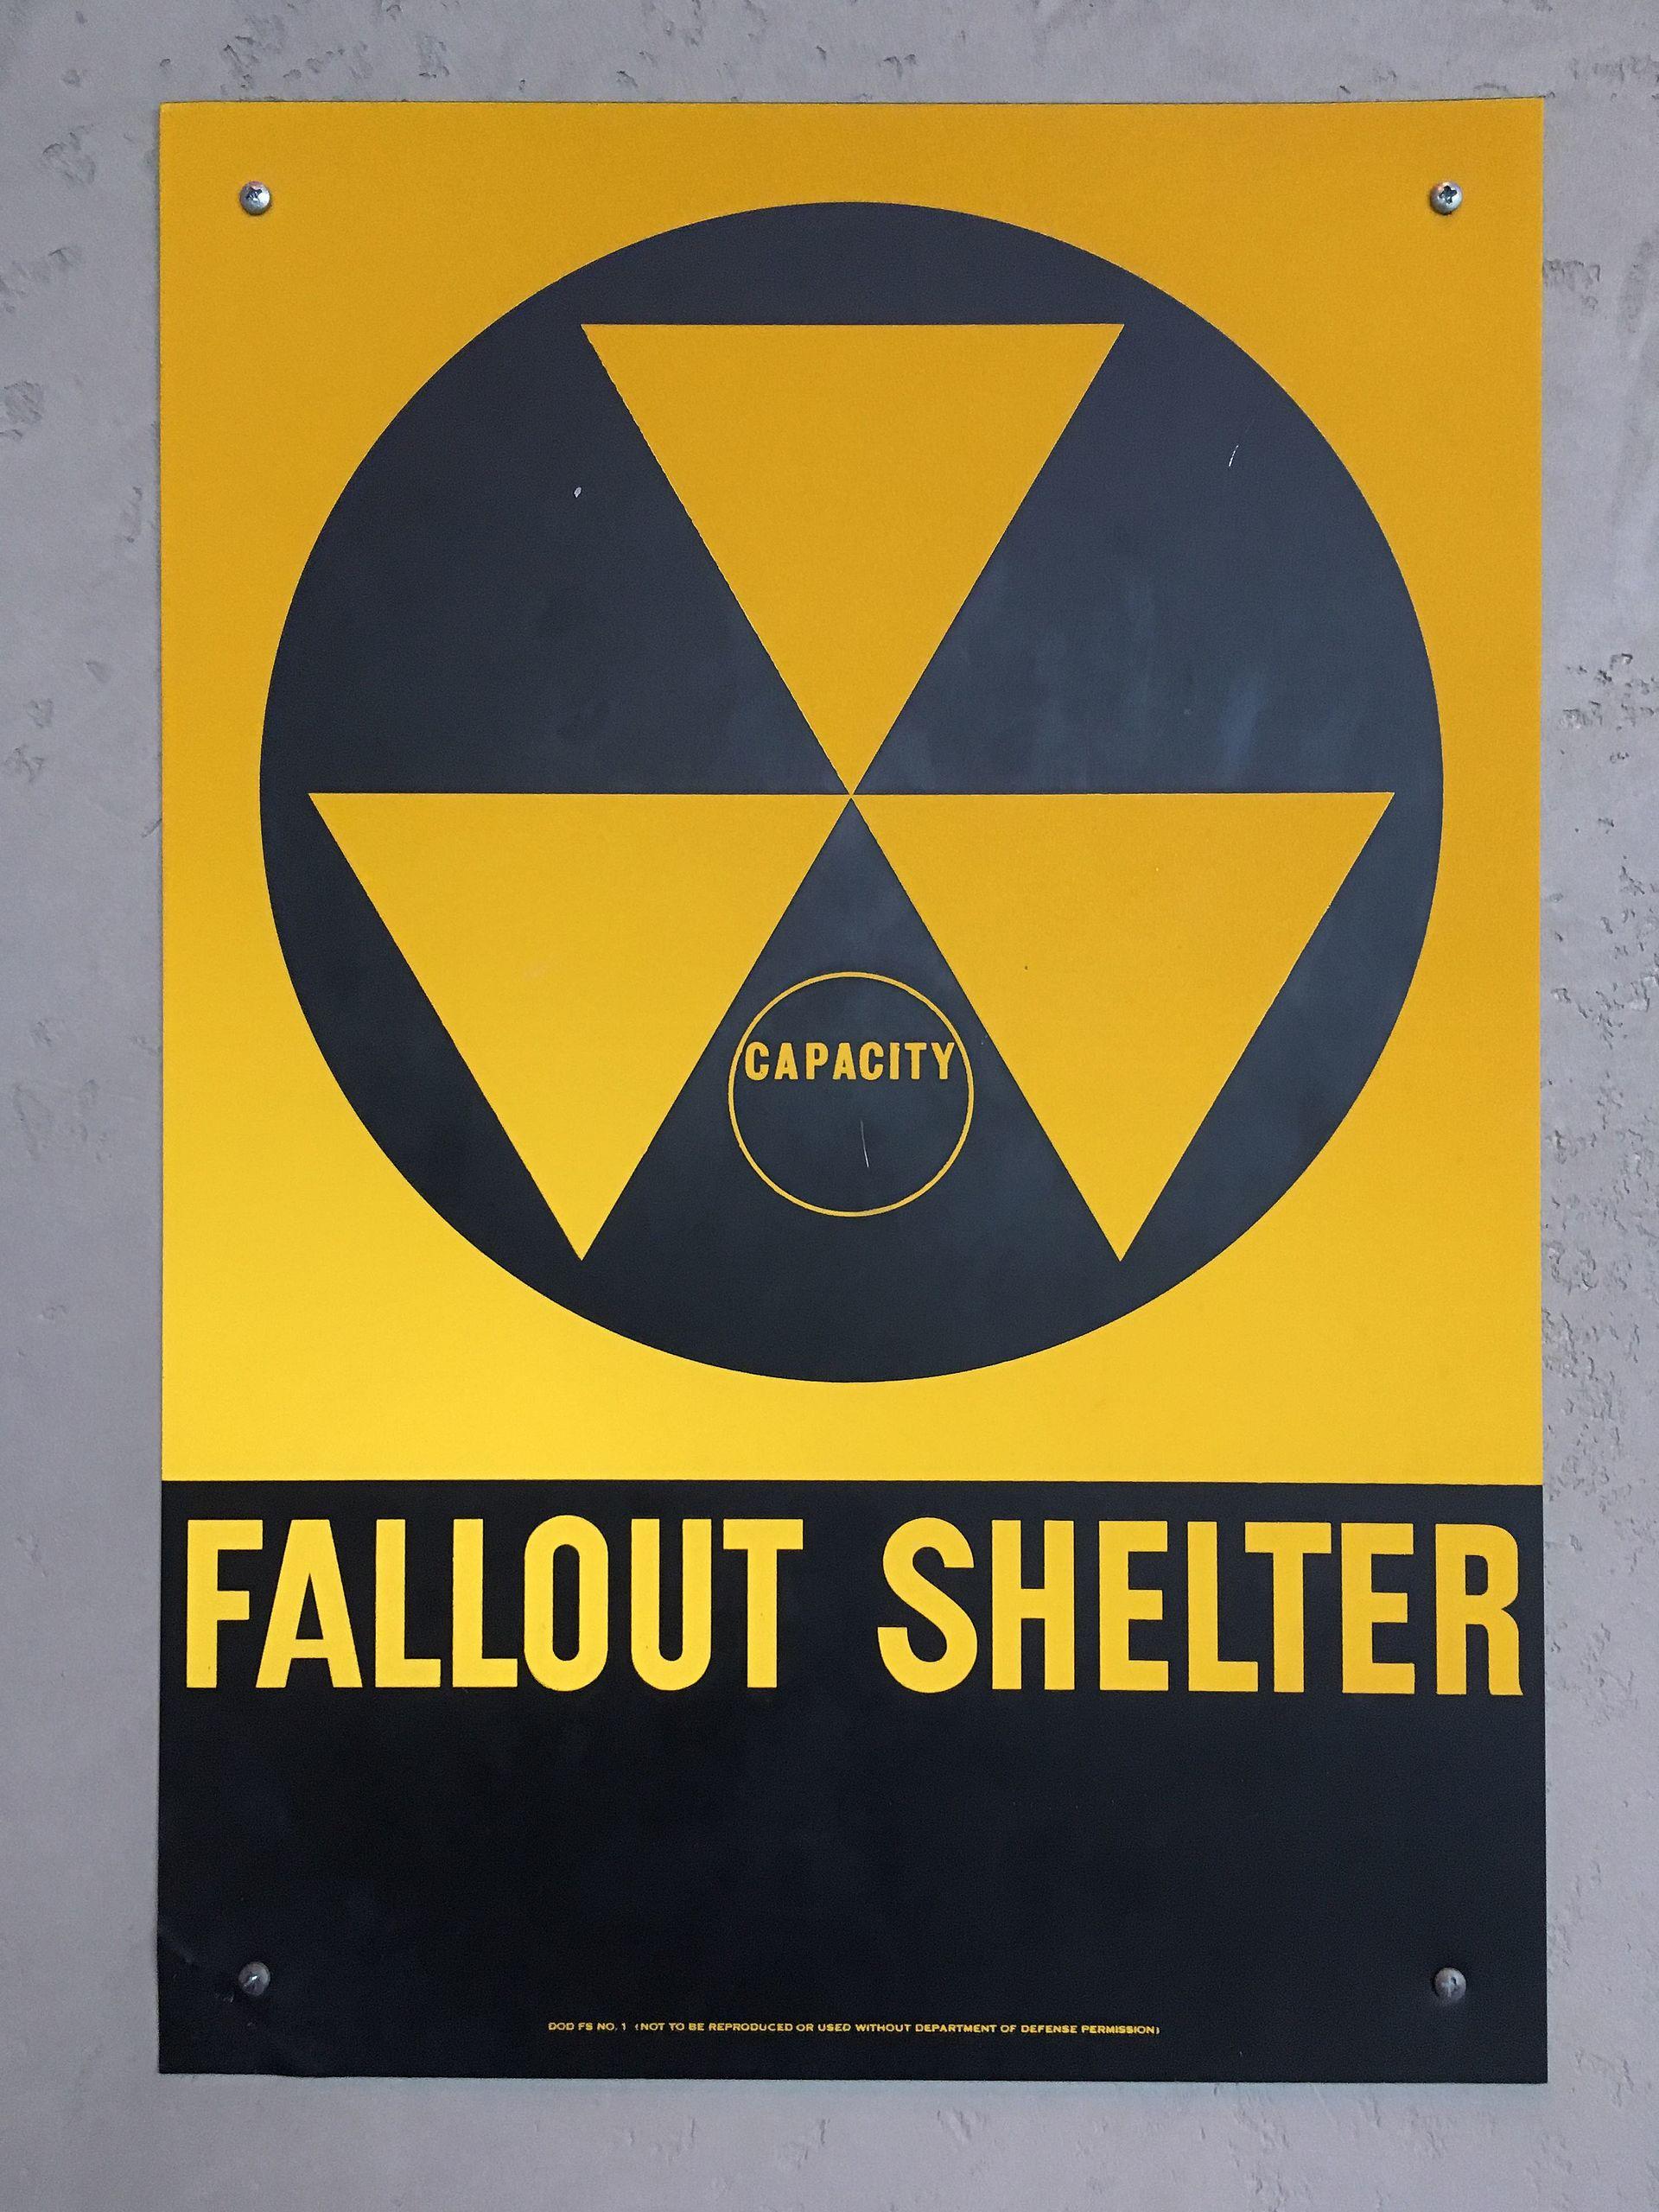 Fallout Shelter Wikipedia